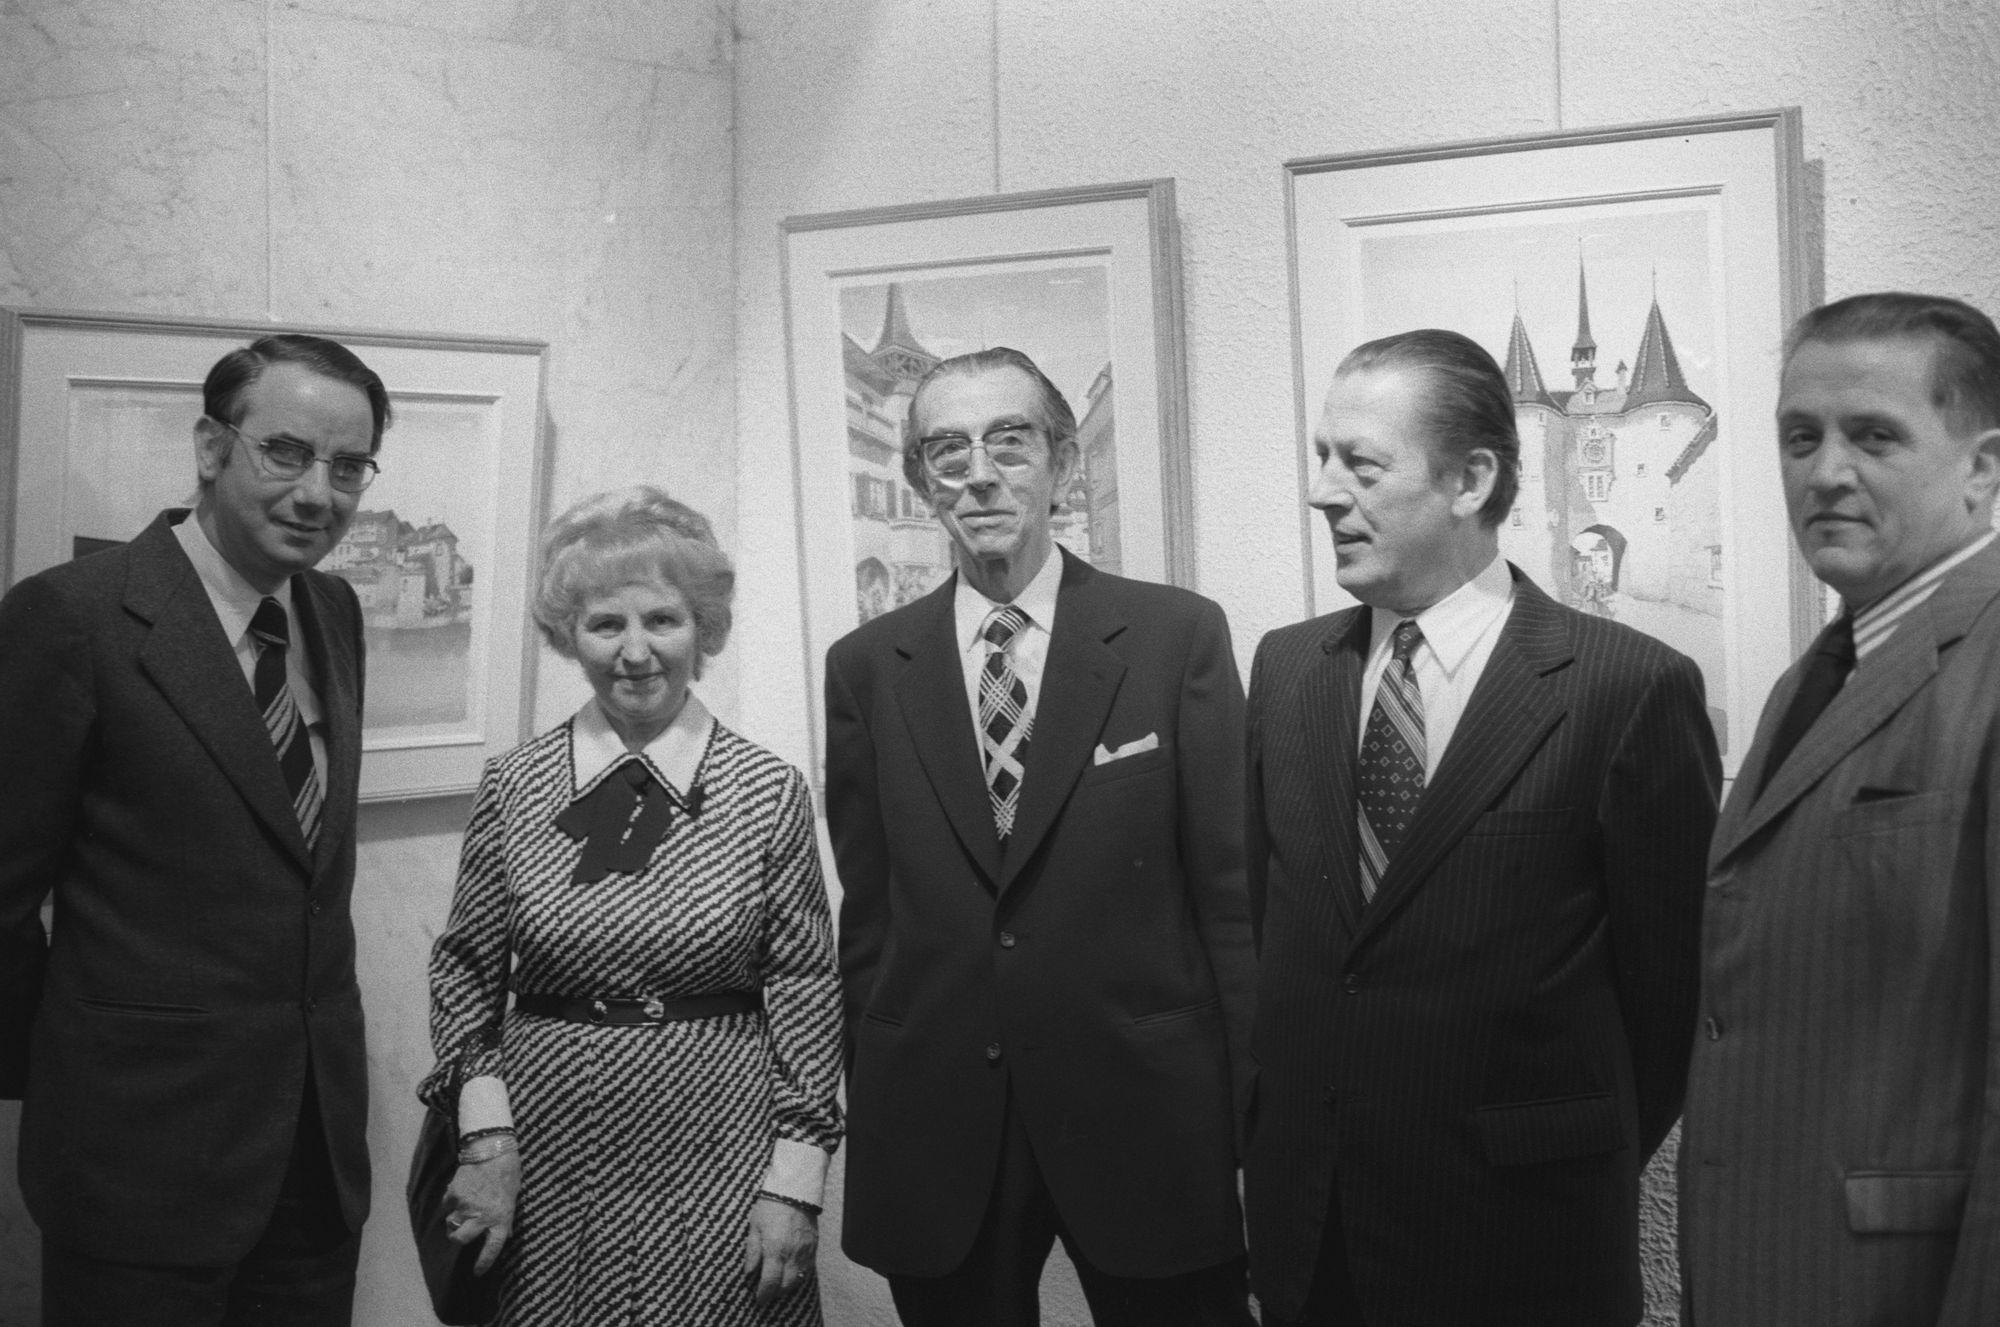 De Kortrijkse kunstschilder Gadeyne met o.a. burgemeester Lambrecht en Antoon Sansen